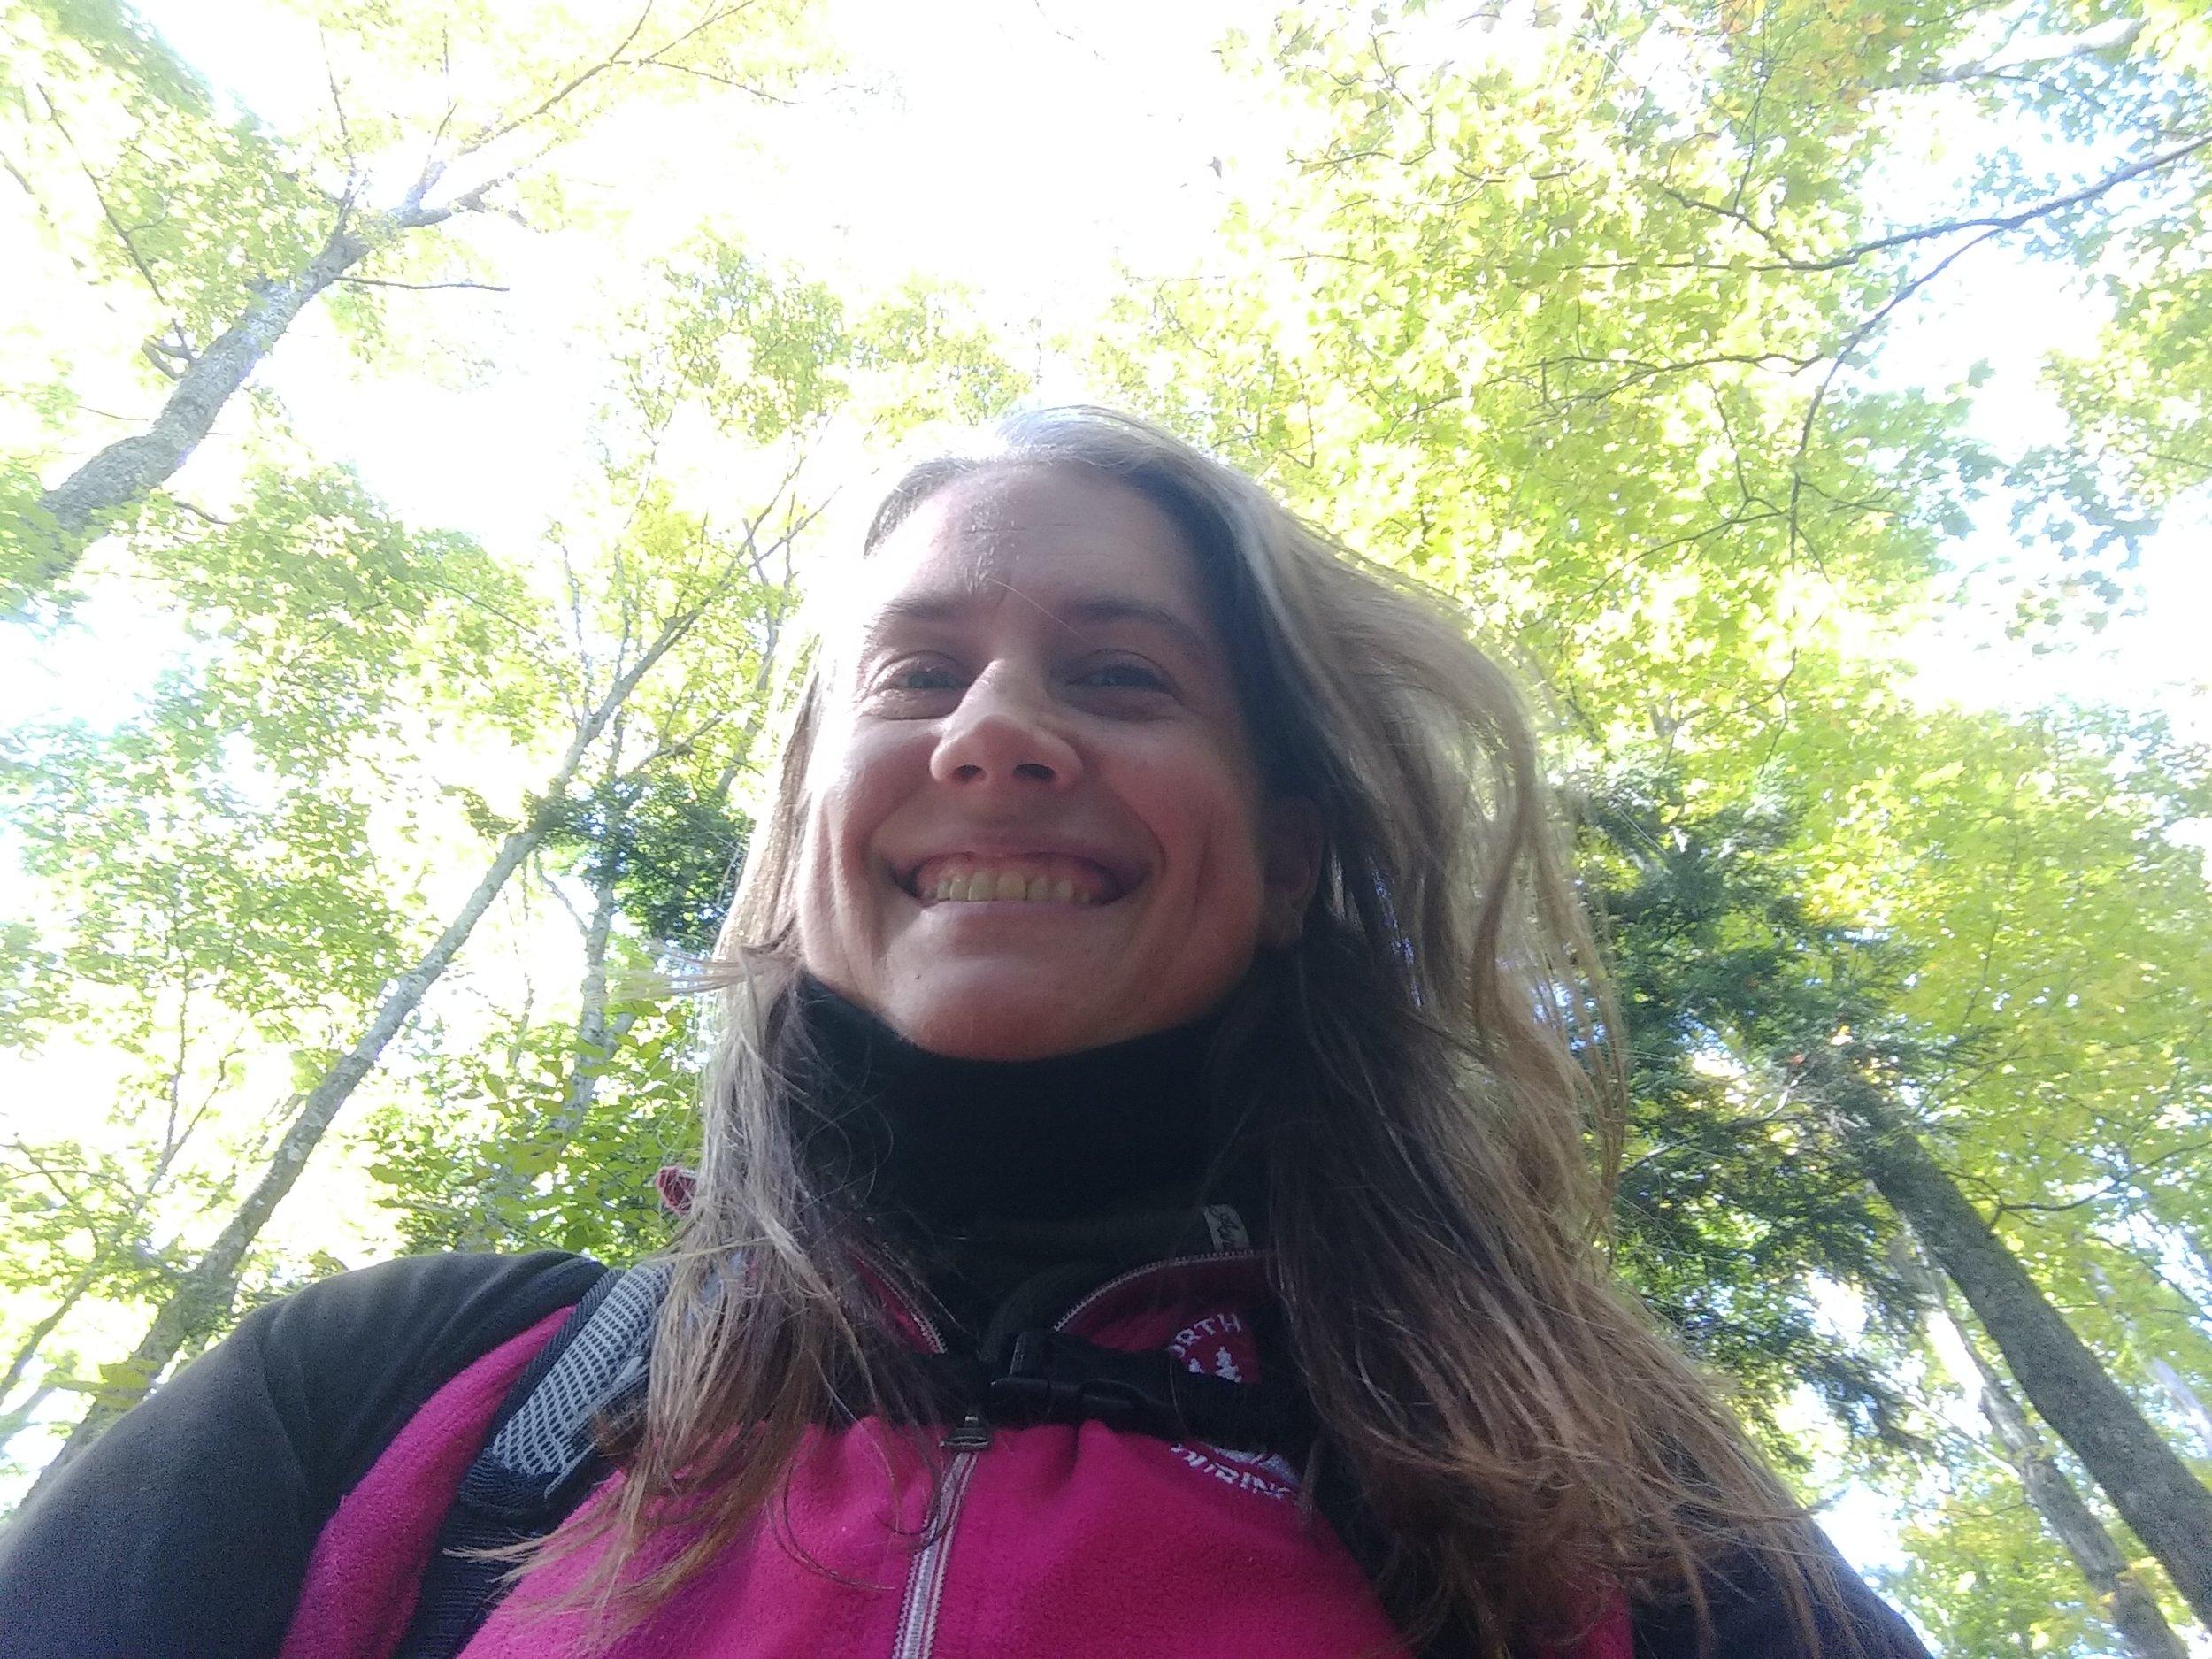 hiking at newport IMG_20181018_143738846.jpg